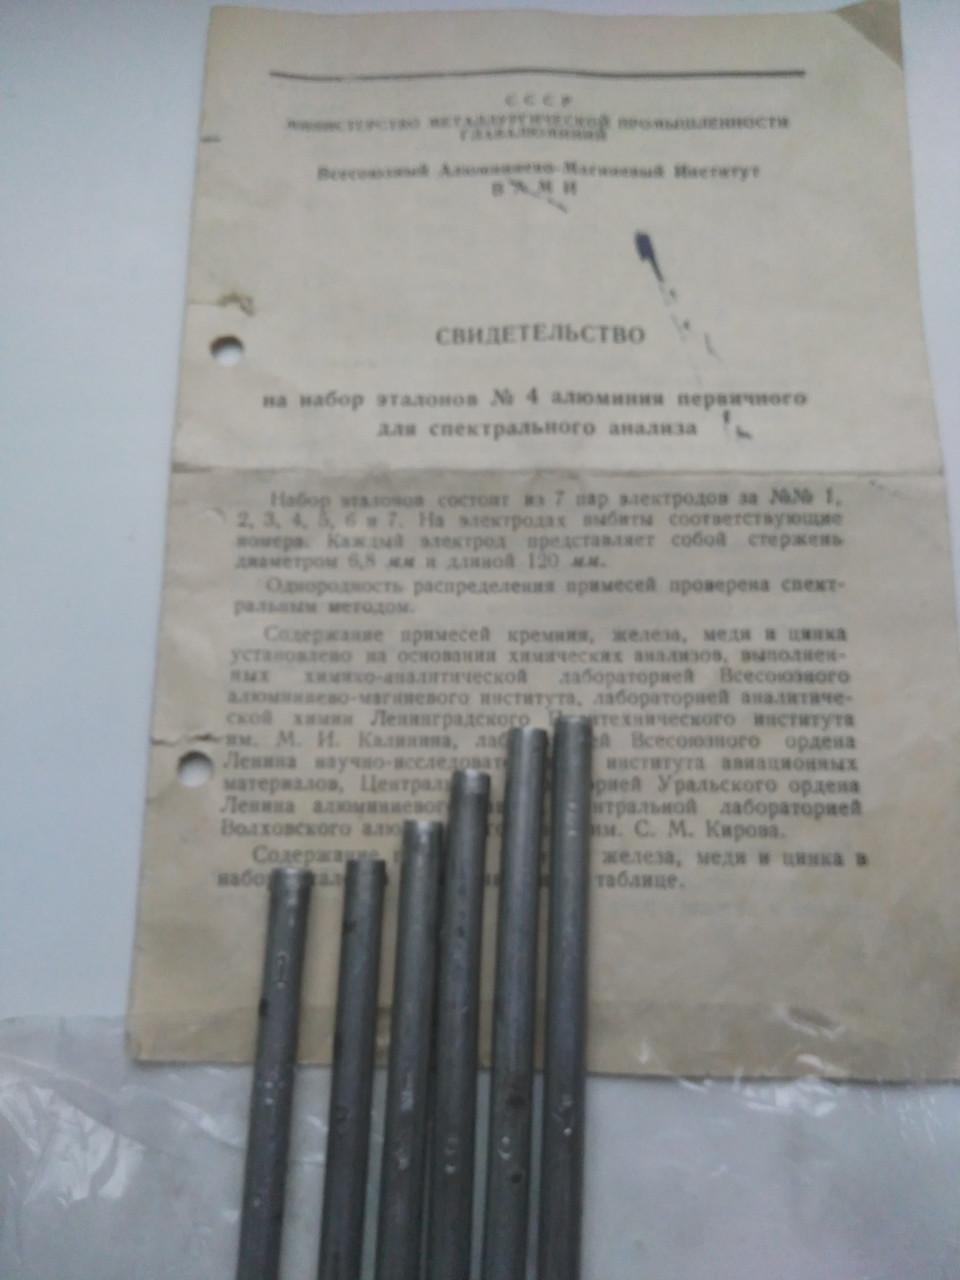 Комплект №4(1,3,4,5,6,7) СОП алюминий первичный